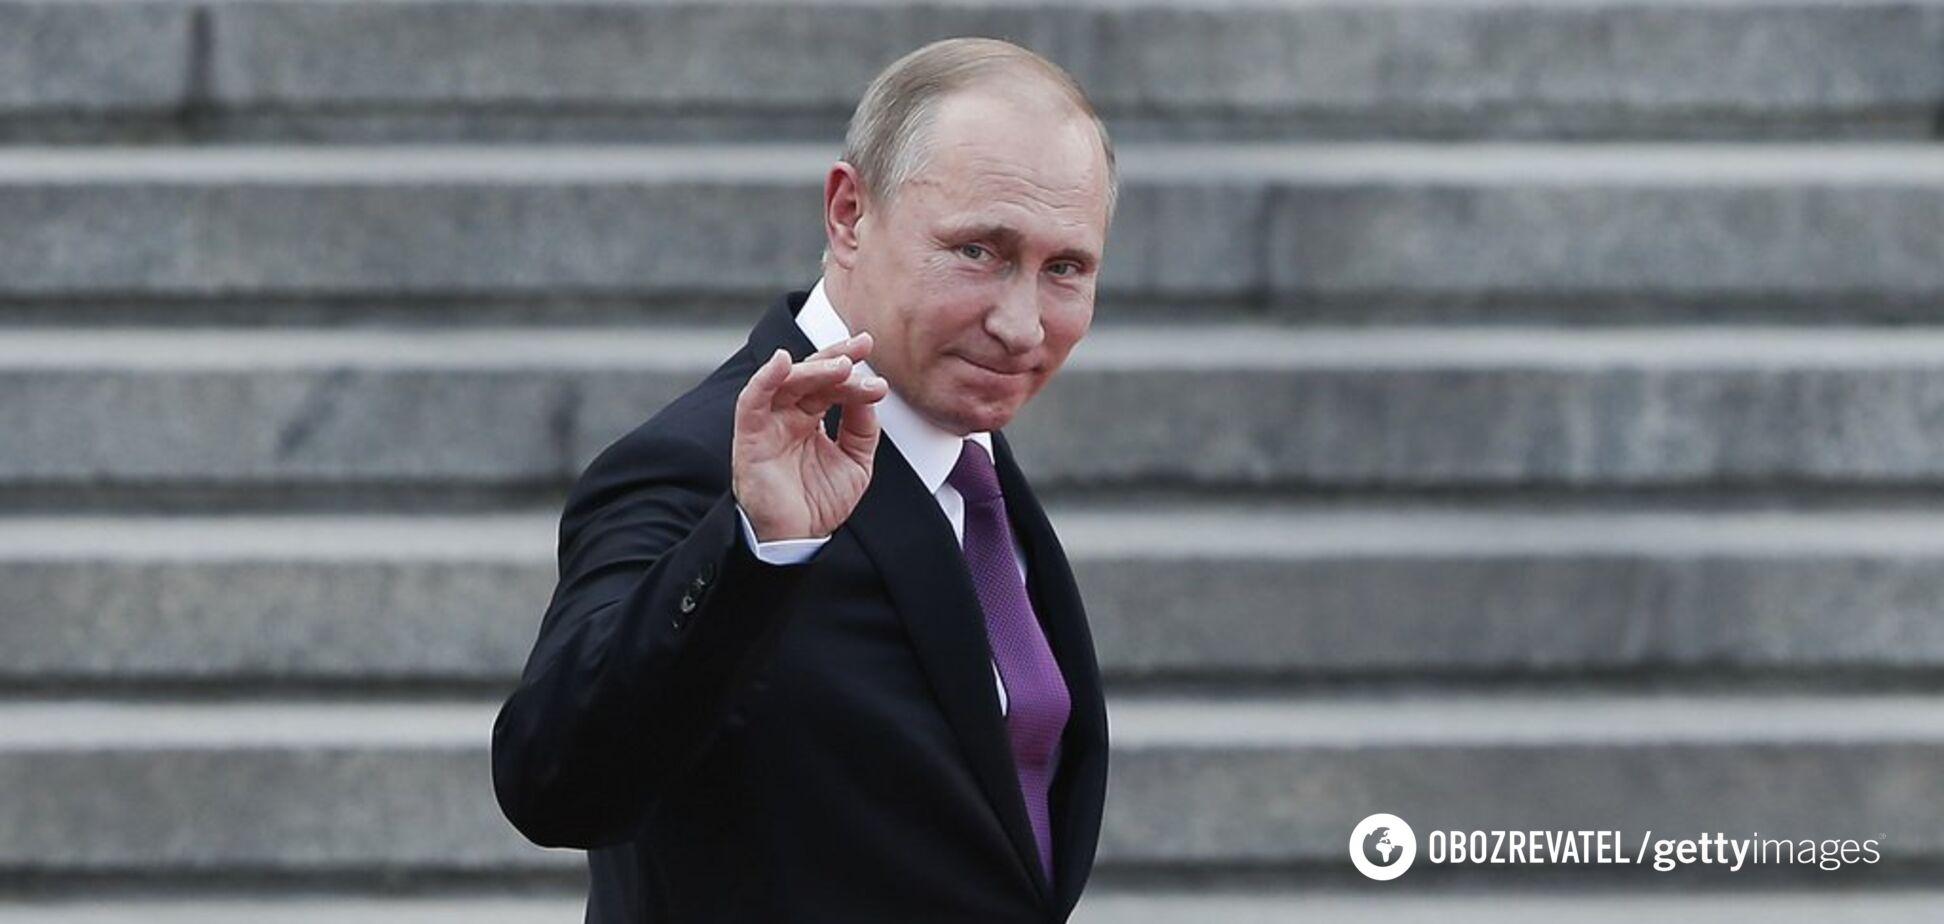 ''Хапайте дітей в оберемок і біжіть!'' У Росії розповіли, як Путін почав ''убивати''